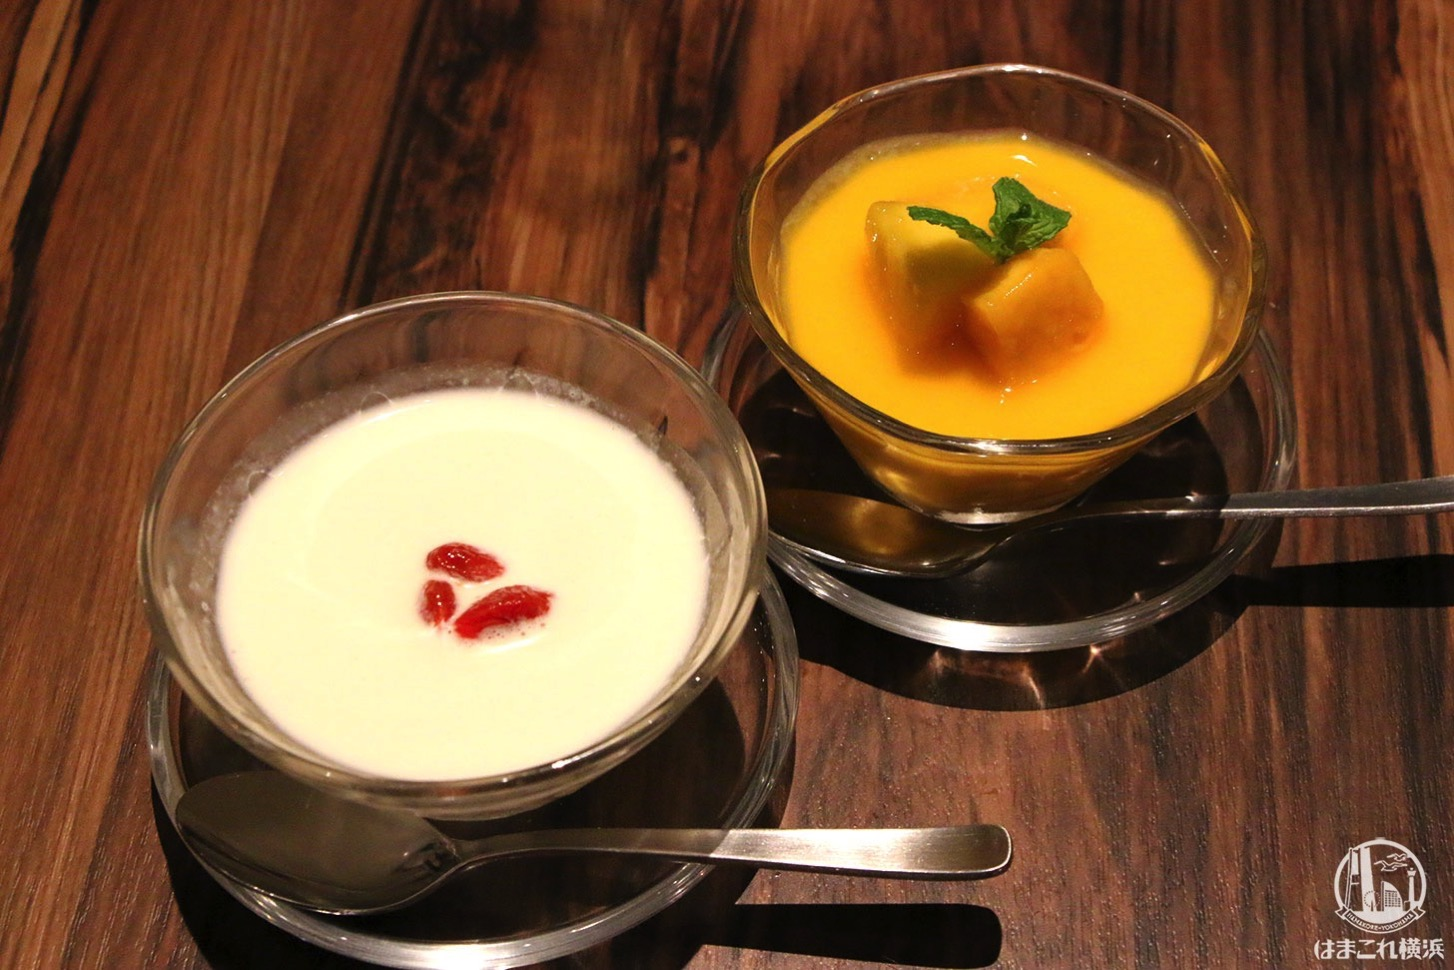 クリーミー杏仁豆腐とマンゴープリン